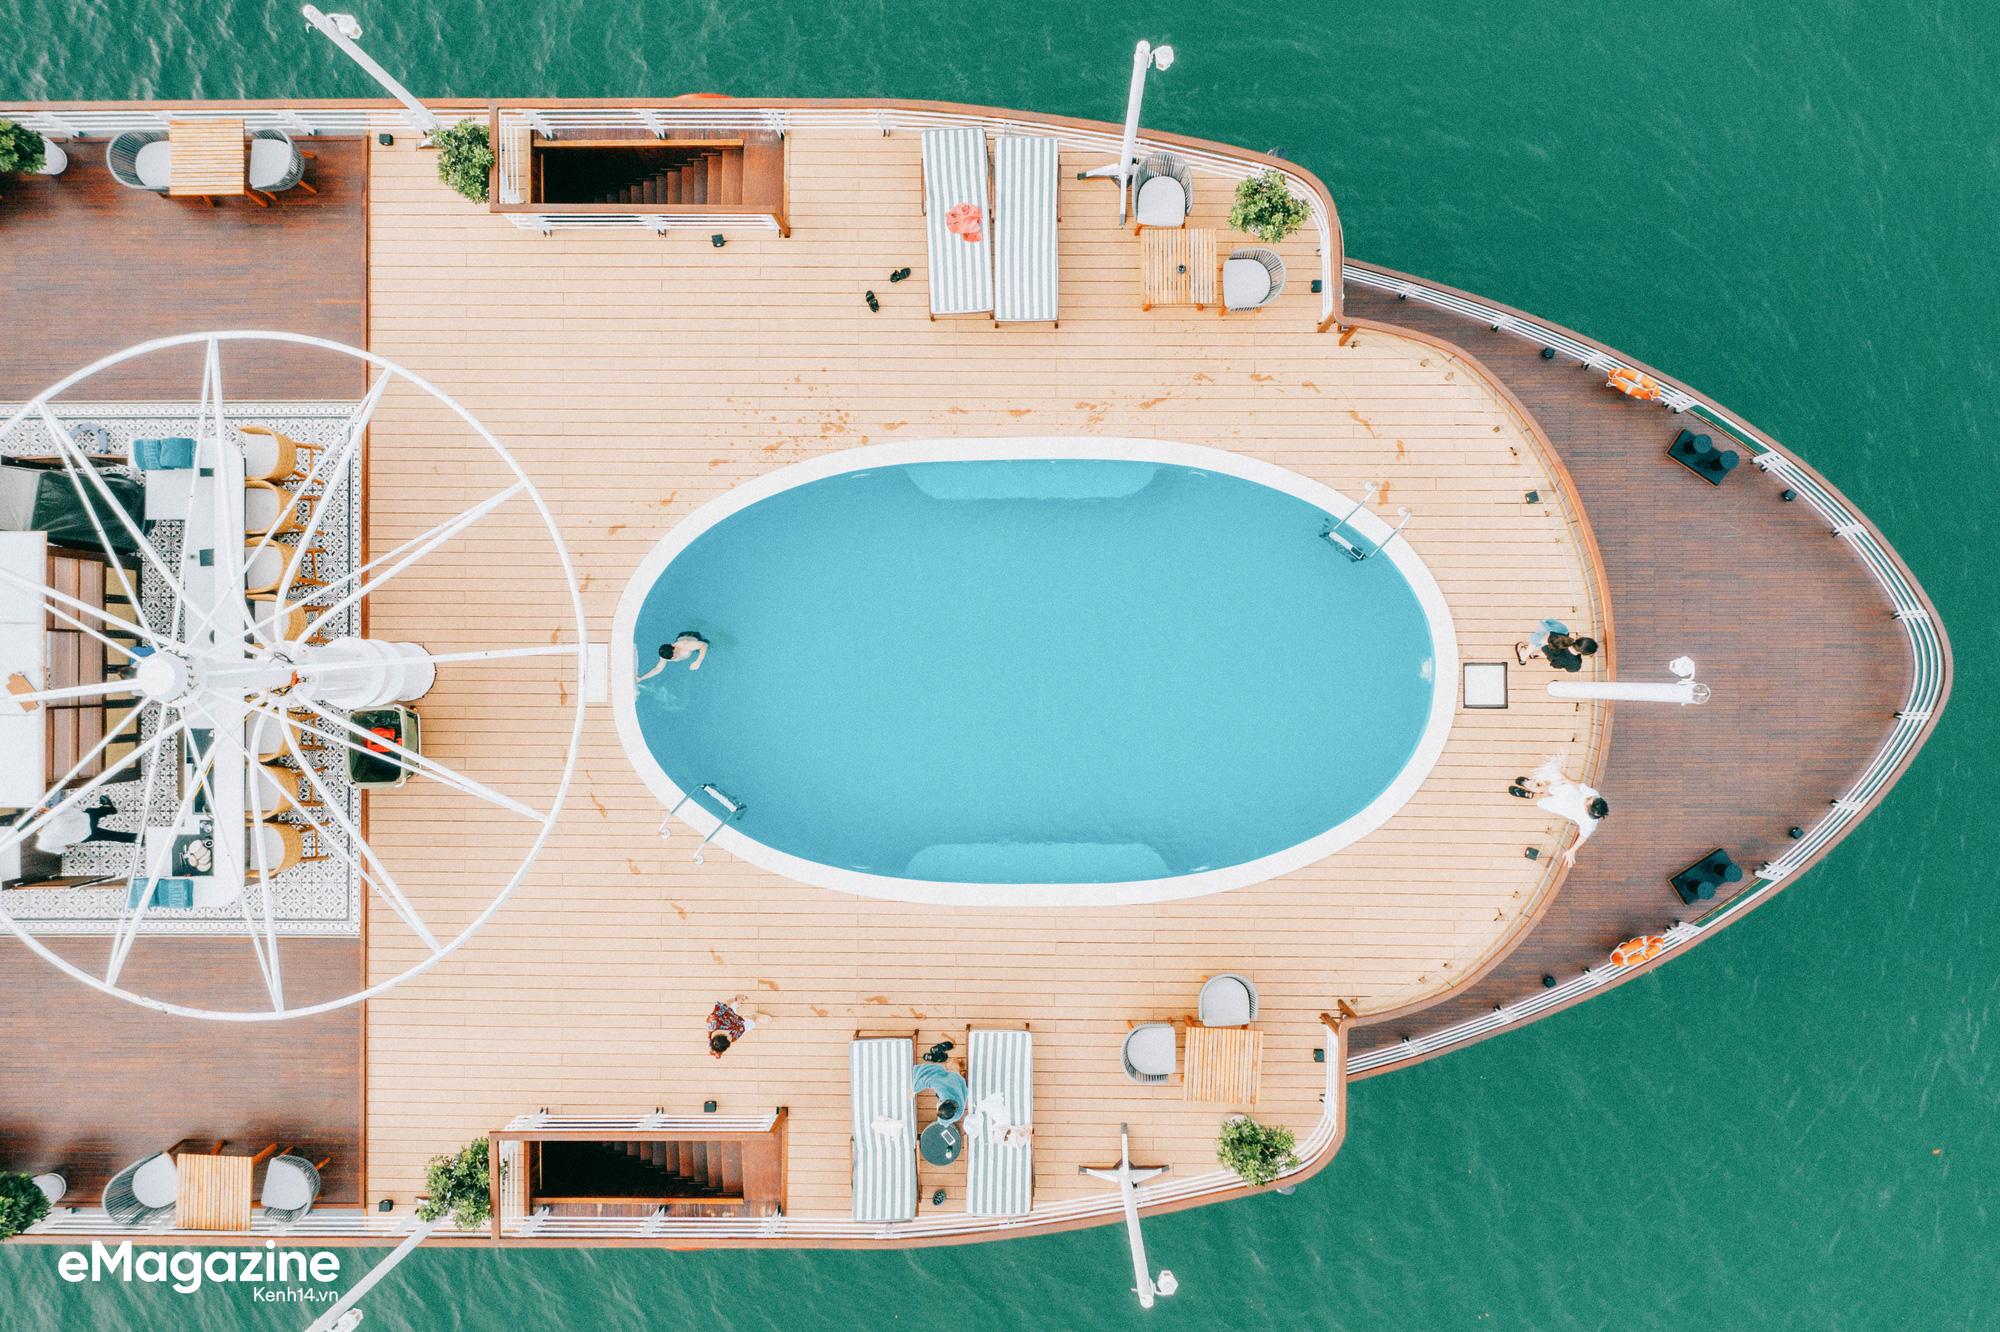 Trải nghiệm vịnh Lan Hạ đẹp như thơ trên du thuyền 5 sao để nhận ra: Đi du lịch ở Việt Nam có thể đẳng cấp chẳng kém chỗ nào! - Ảnh 8.